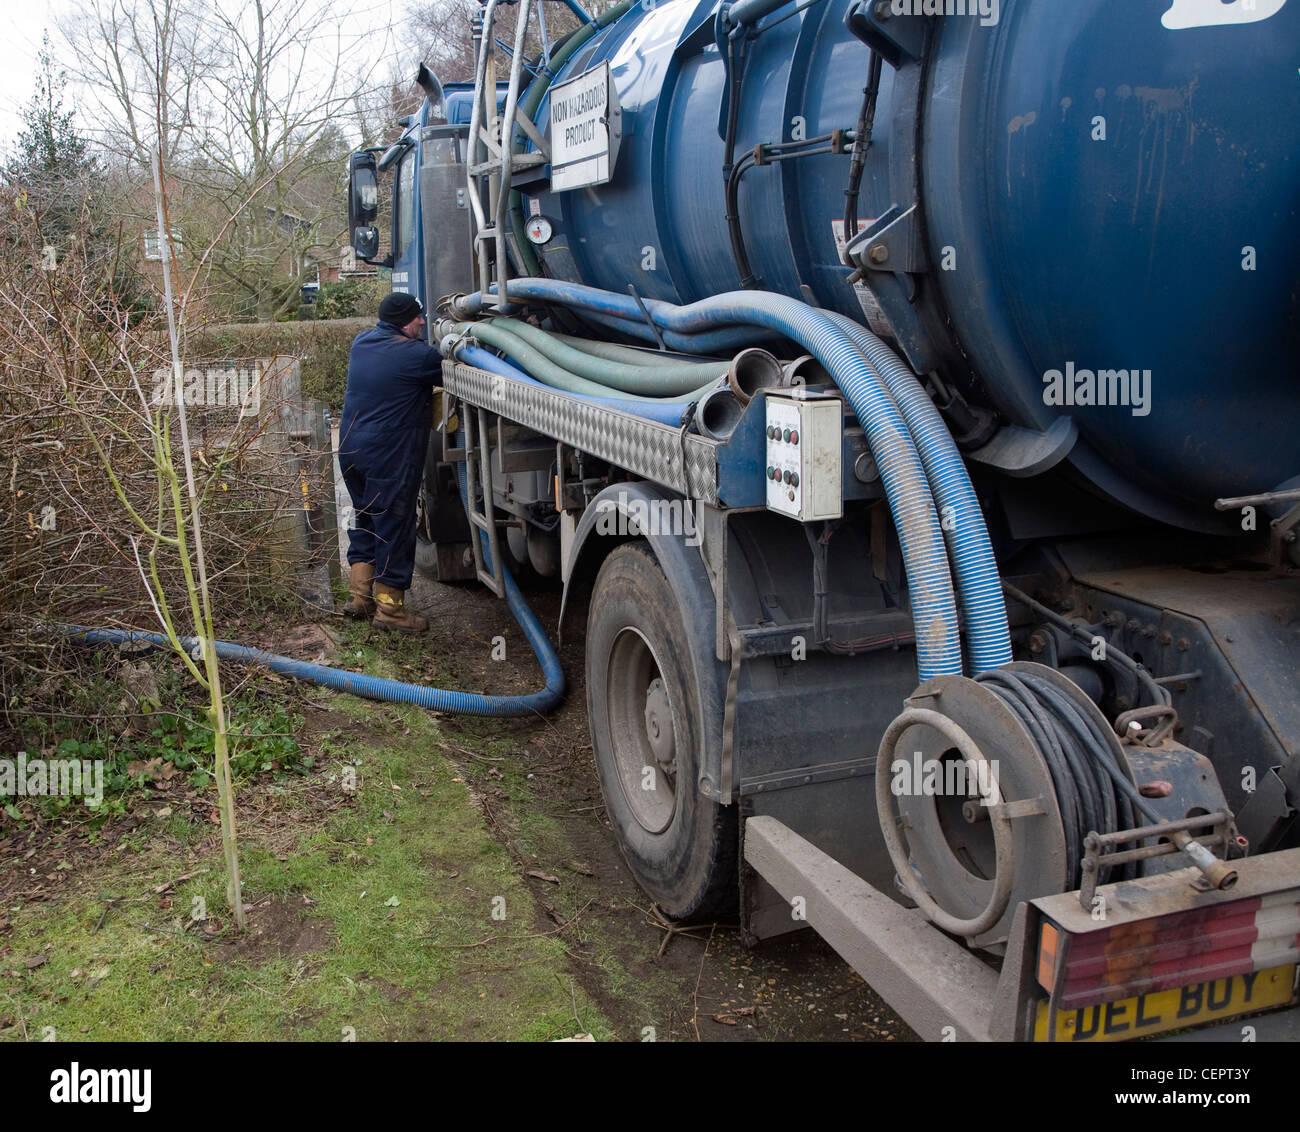 Binder Klärgrube Tanker Fahrzeug nicht gefährliches Produkt Stockfoto